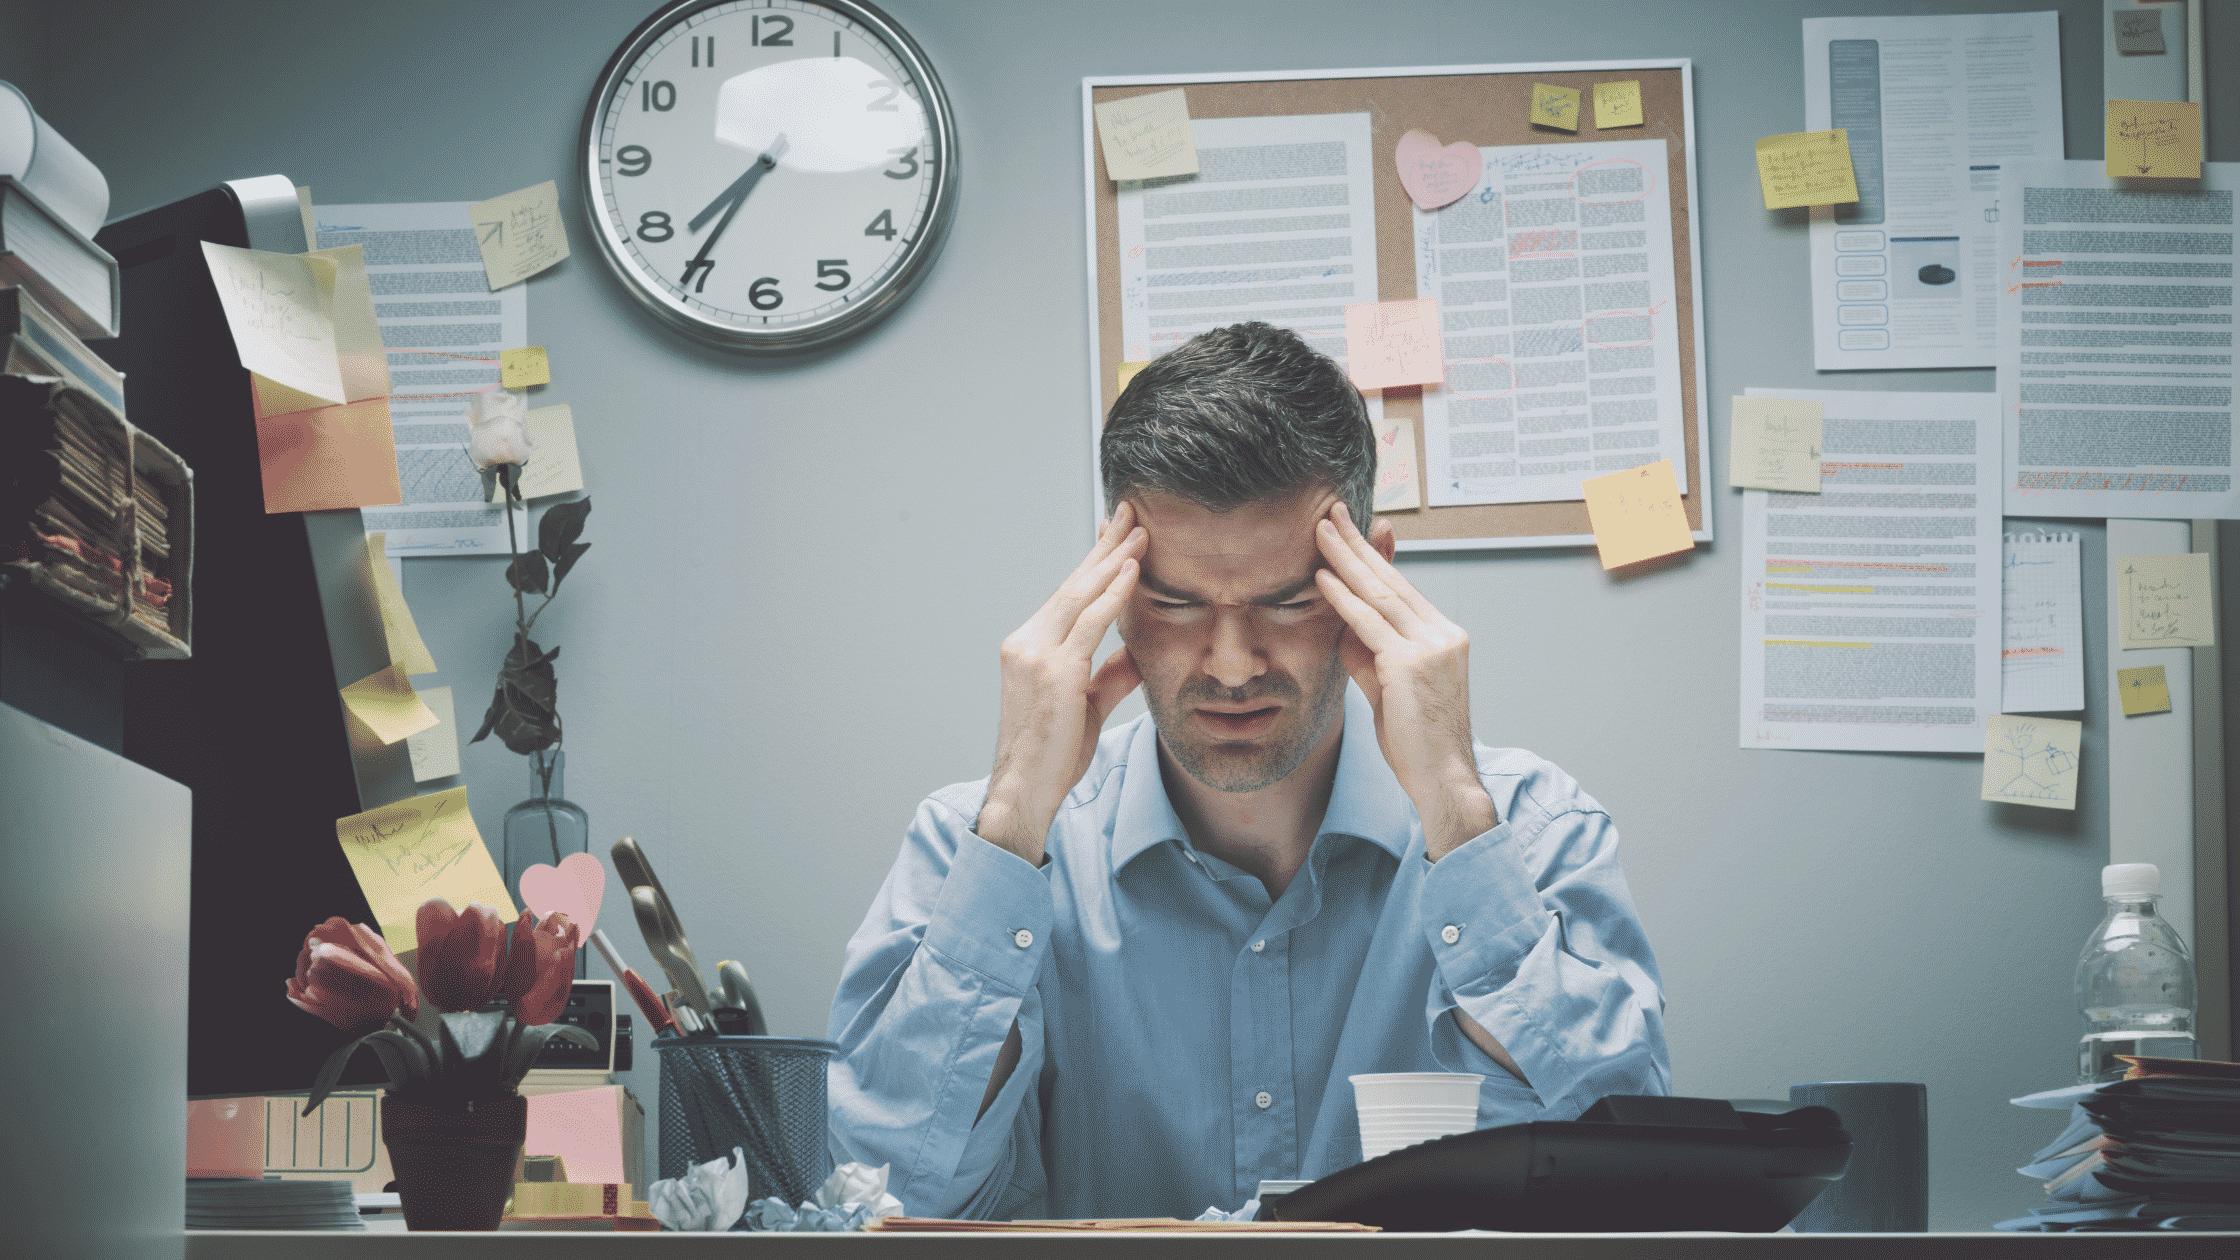 כאב ראש לפני מעמ